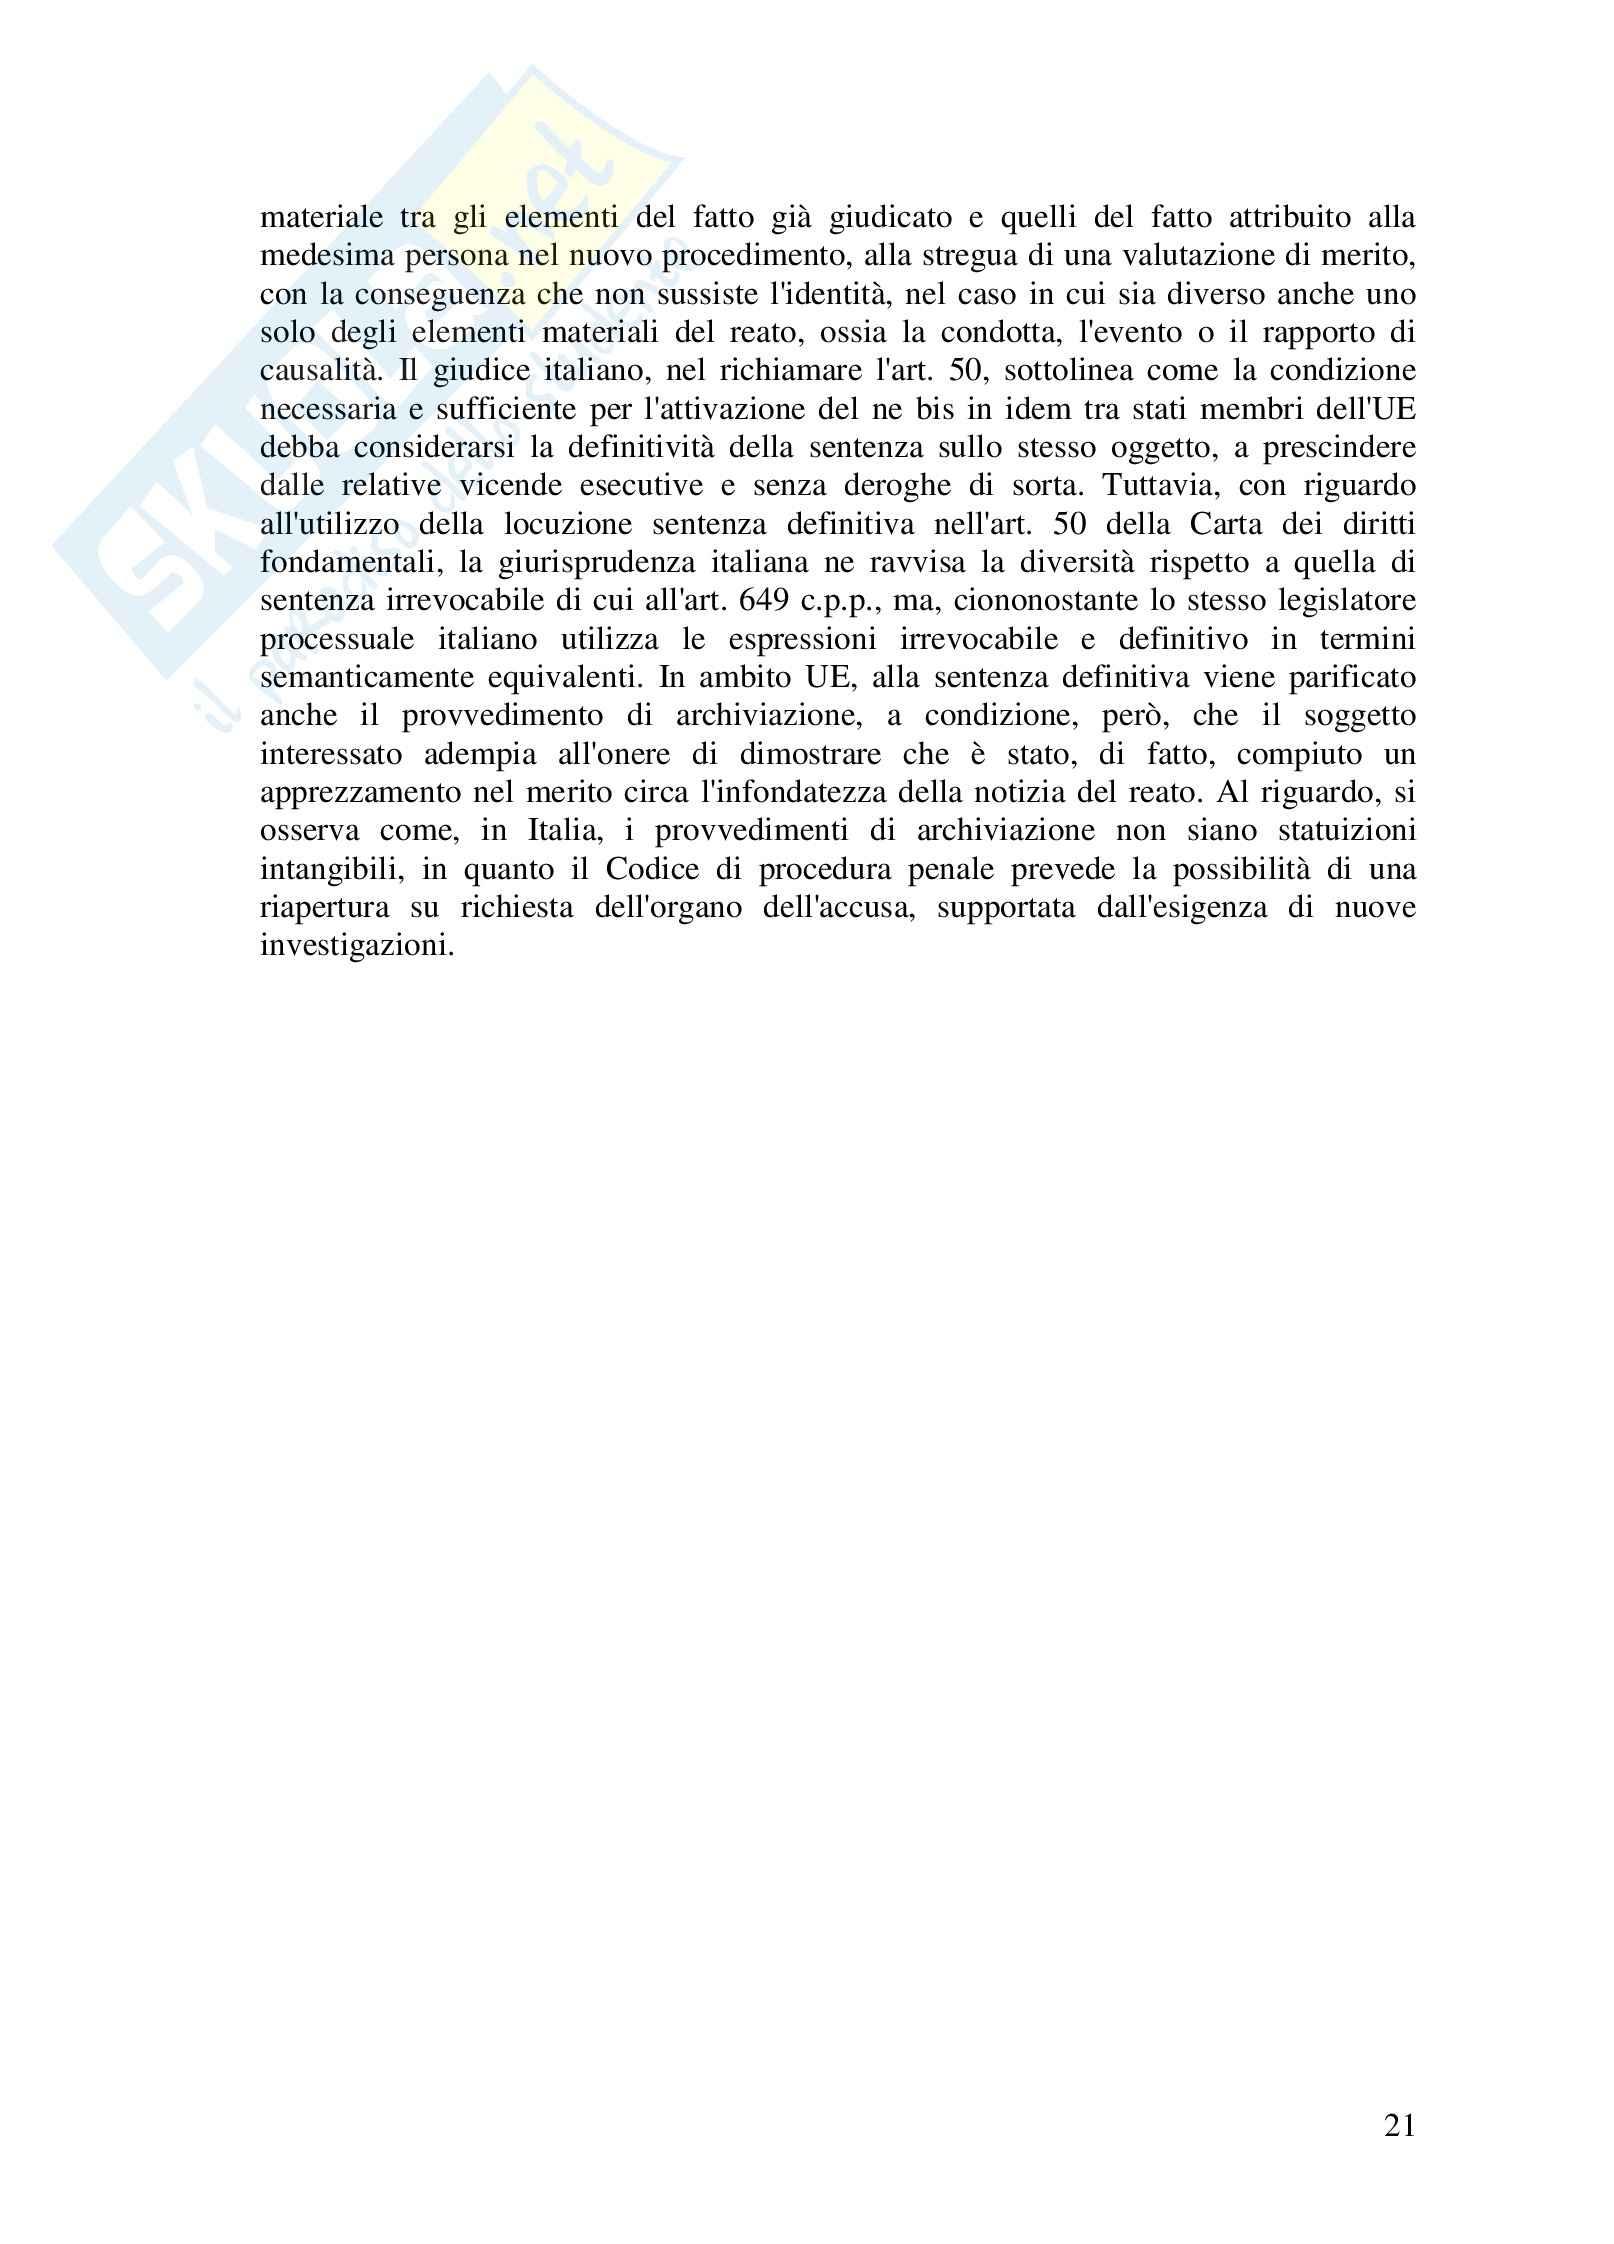 Riassunto esame Diritto dell'UE, prof. Di Stasi, Spazio europeo e diritti di giustizia Pag. 21